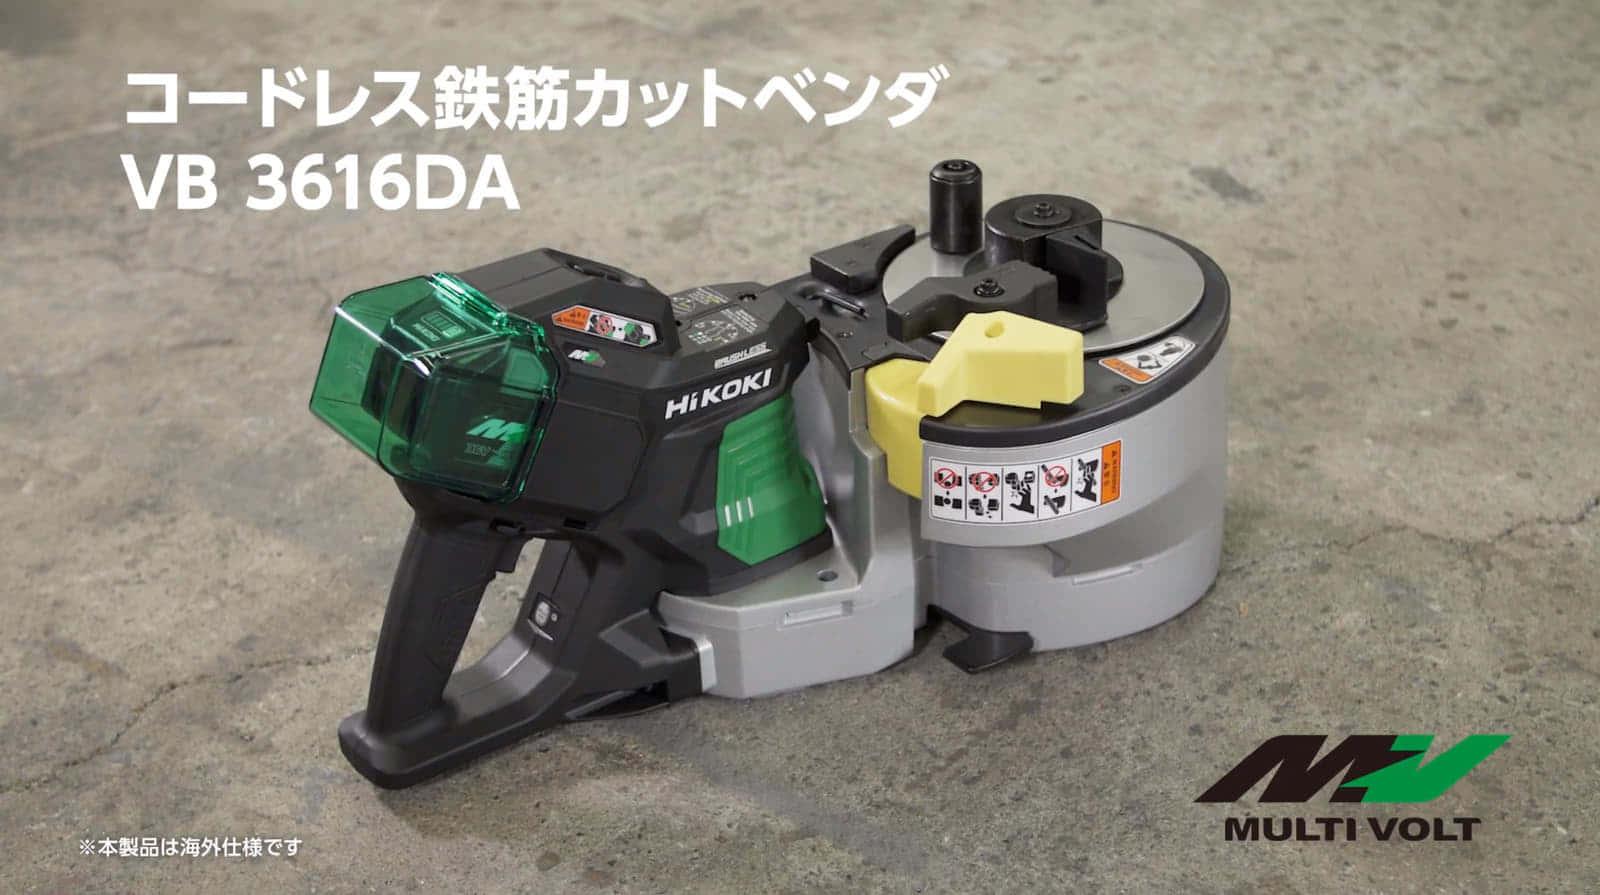 HiKOKI VB3616DA コードレス鉄筋カットベンダ 、世界初のコードレスモデル